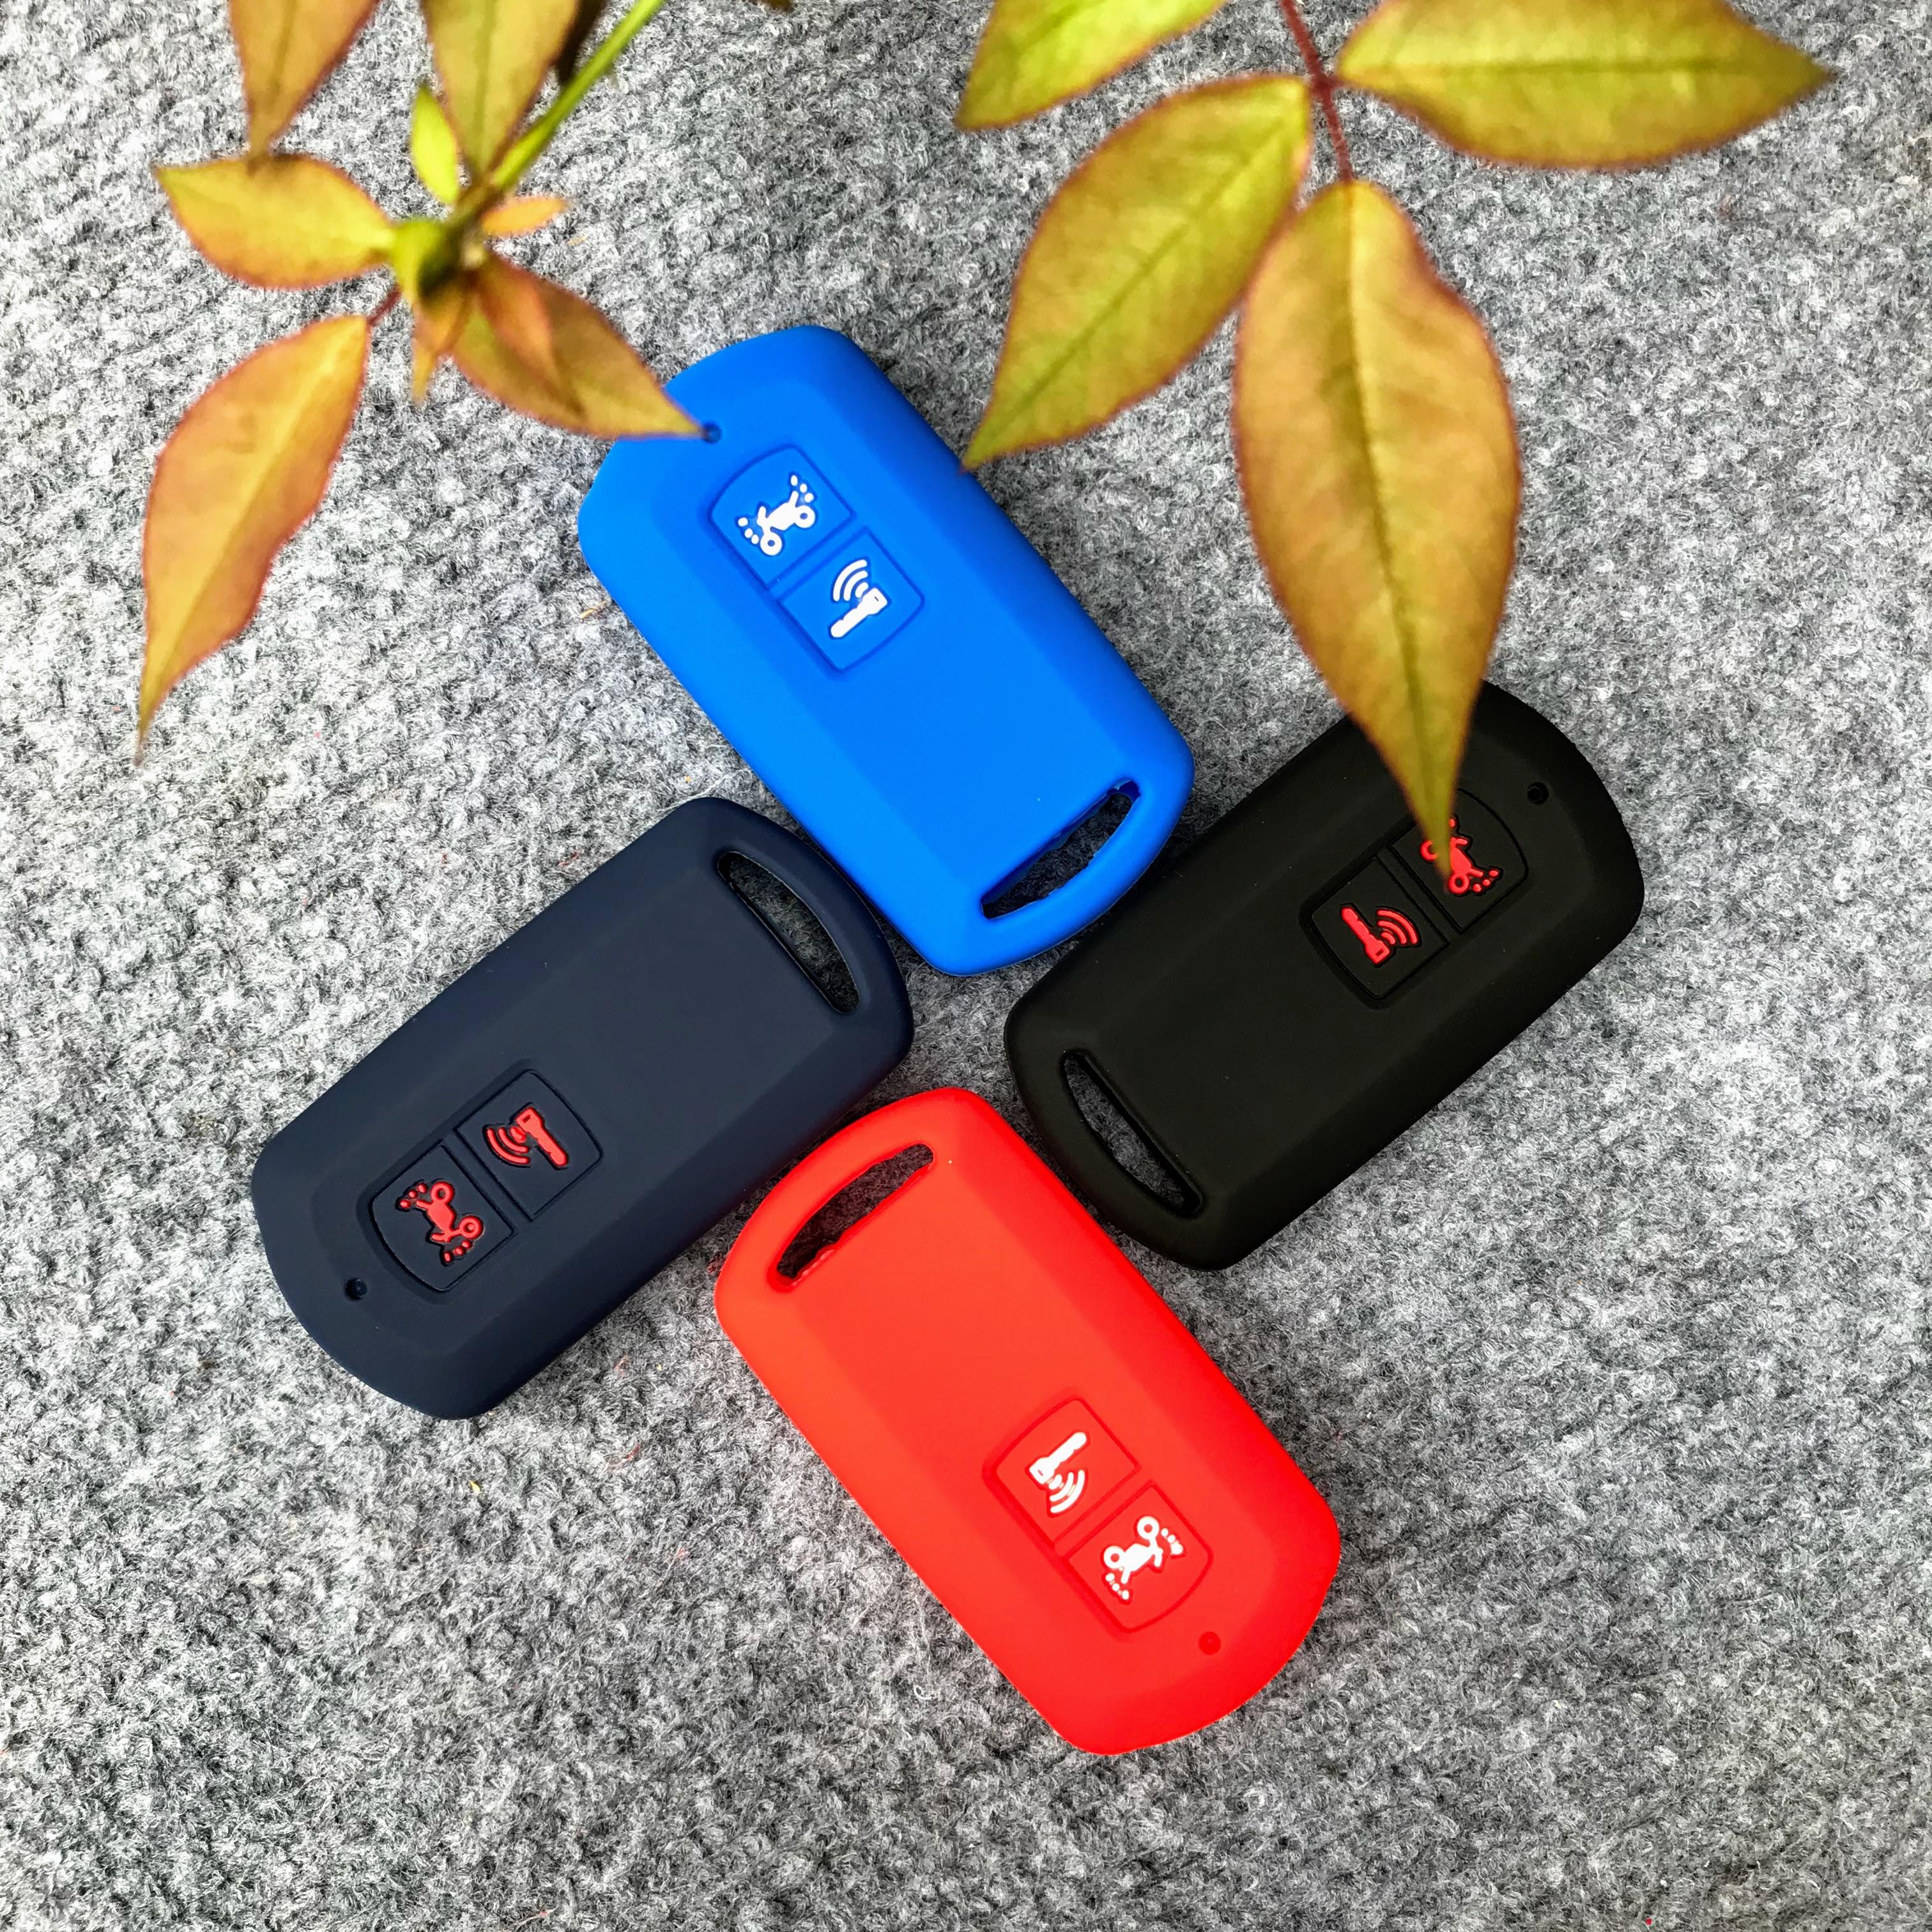 Bọc khóa Smartkey Honda Lead, Airblade, Vision, Vario 150 nhiều màu=57.966đ